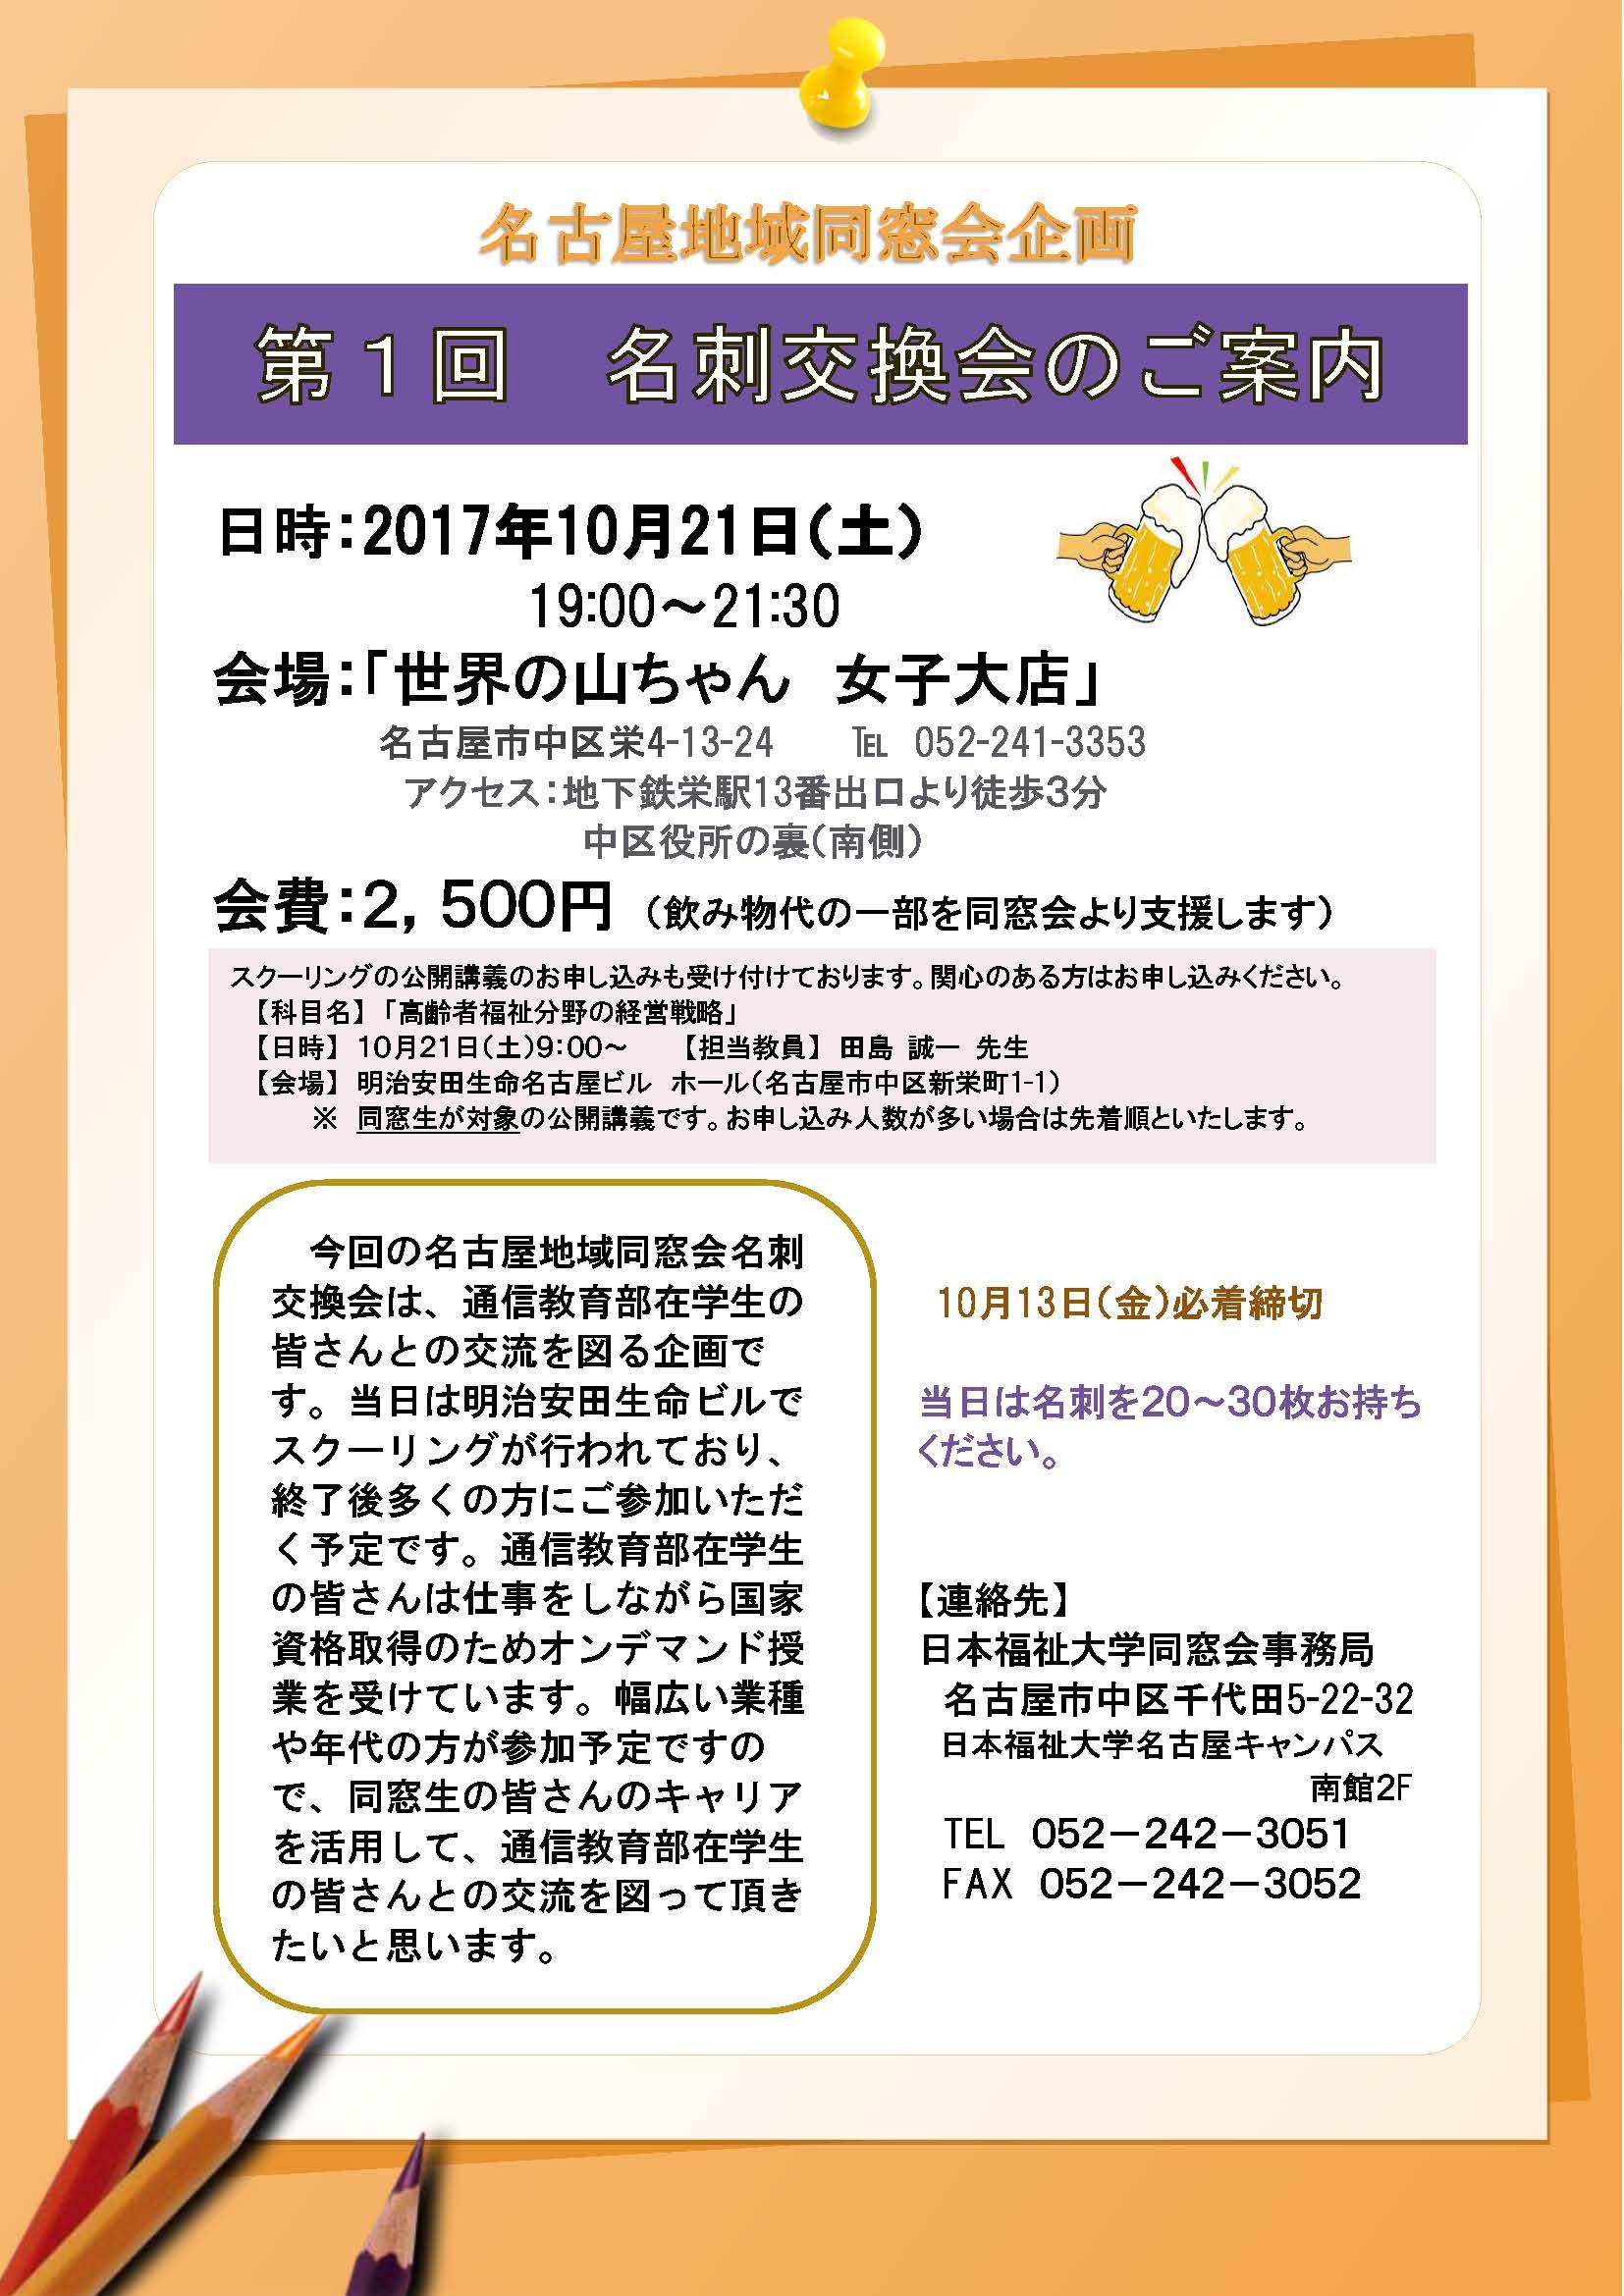 10/21名刺交換会(名古屋)チラシ